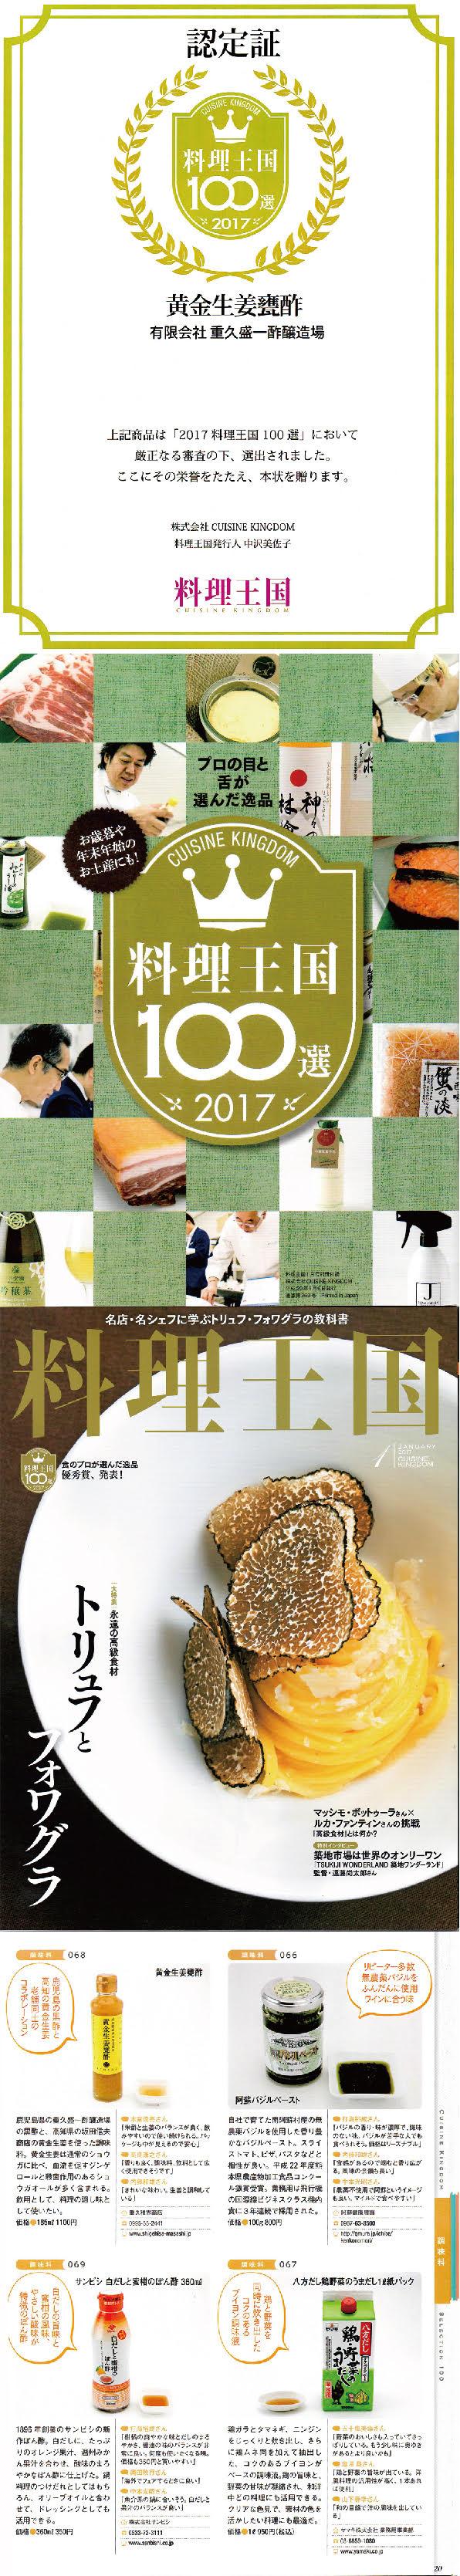 料理王国2017年100選に、当店の「高知県産黄金生姜甕酢」が選ばれました。